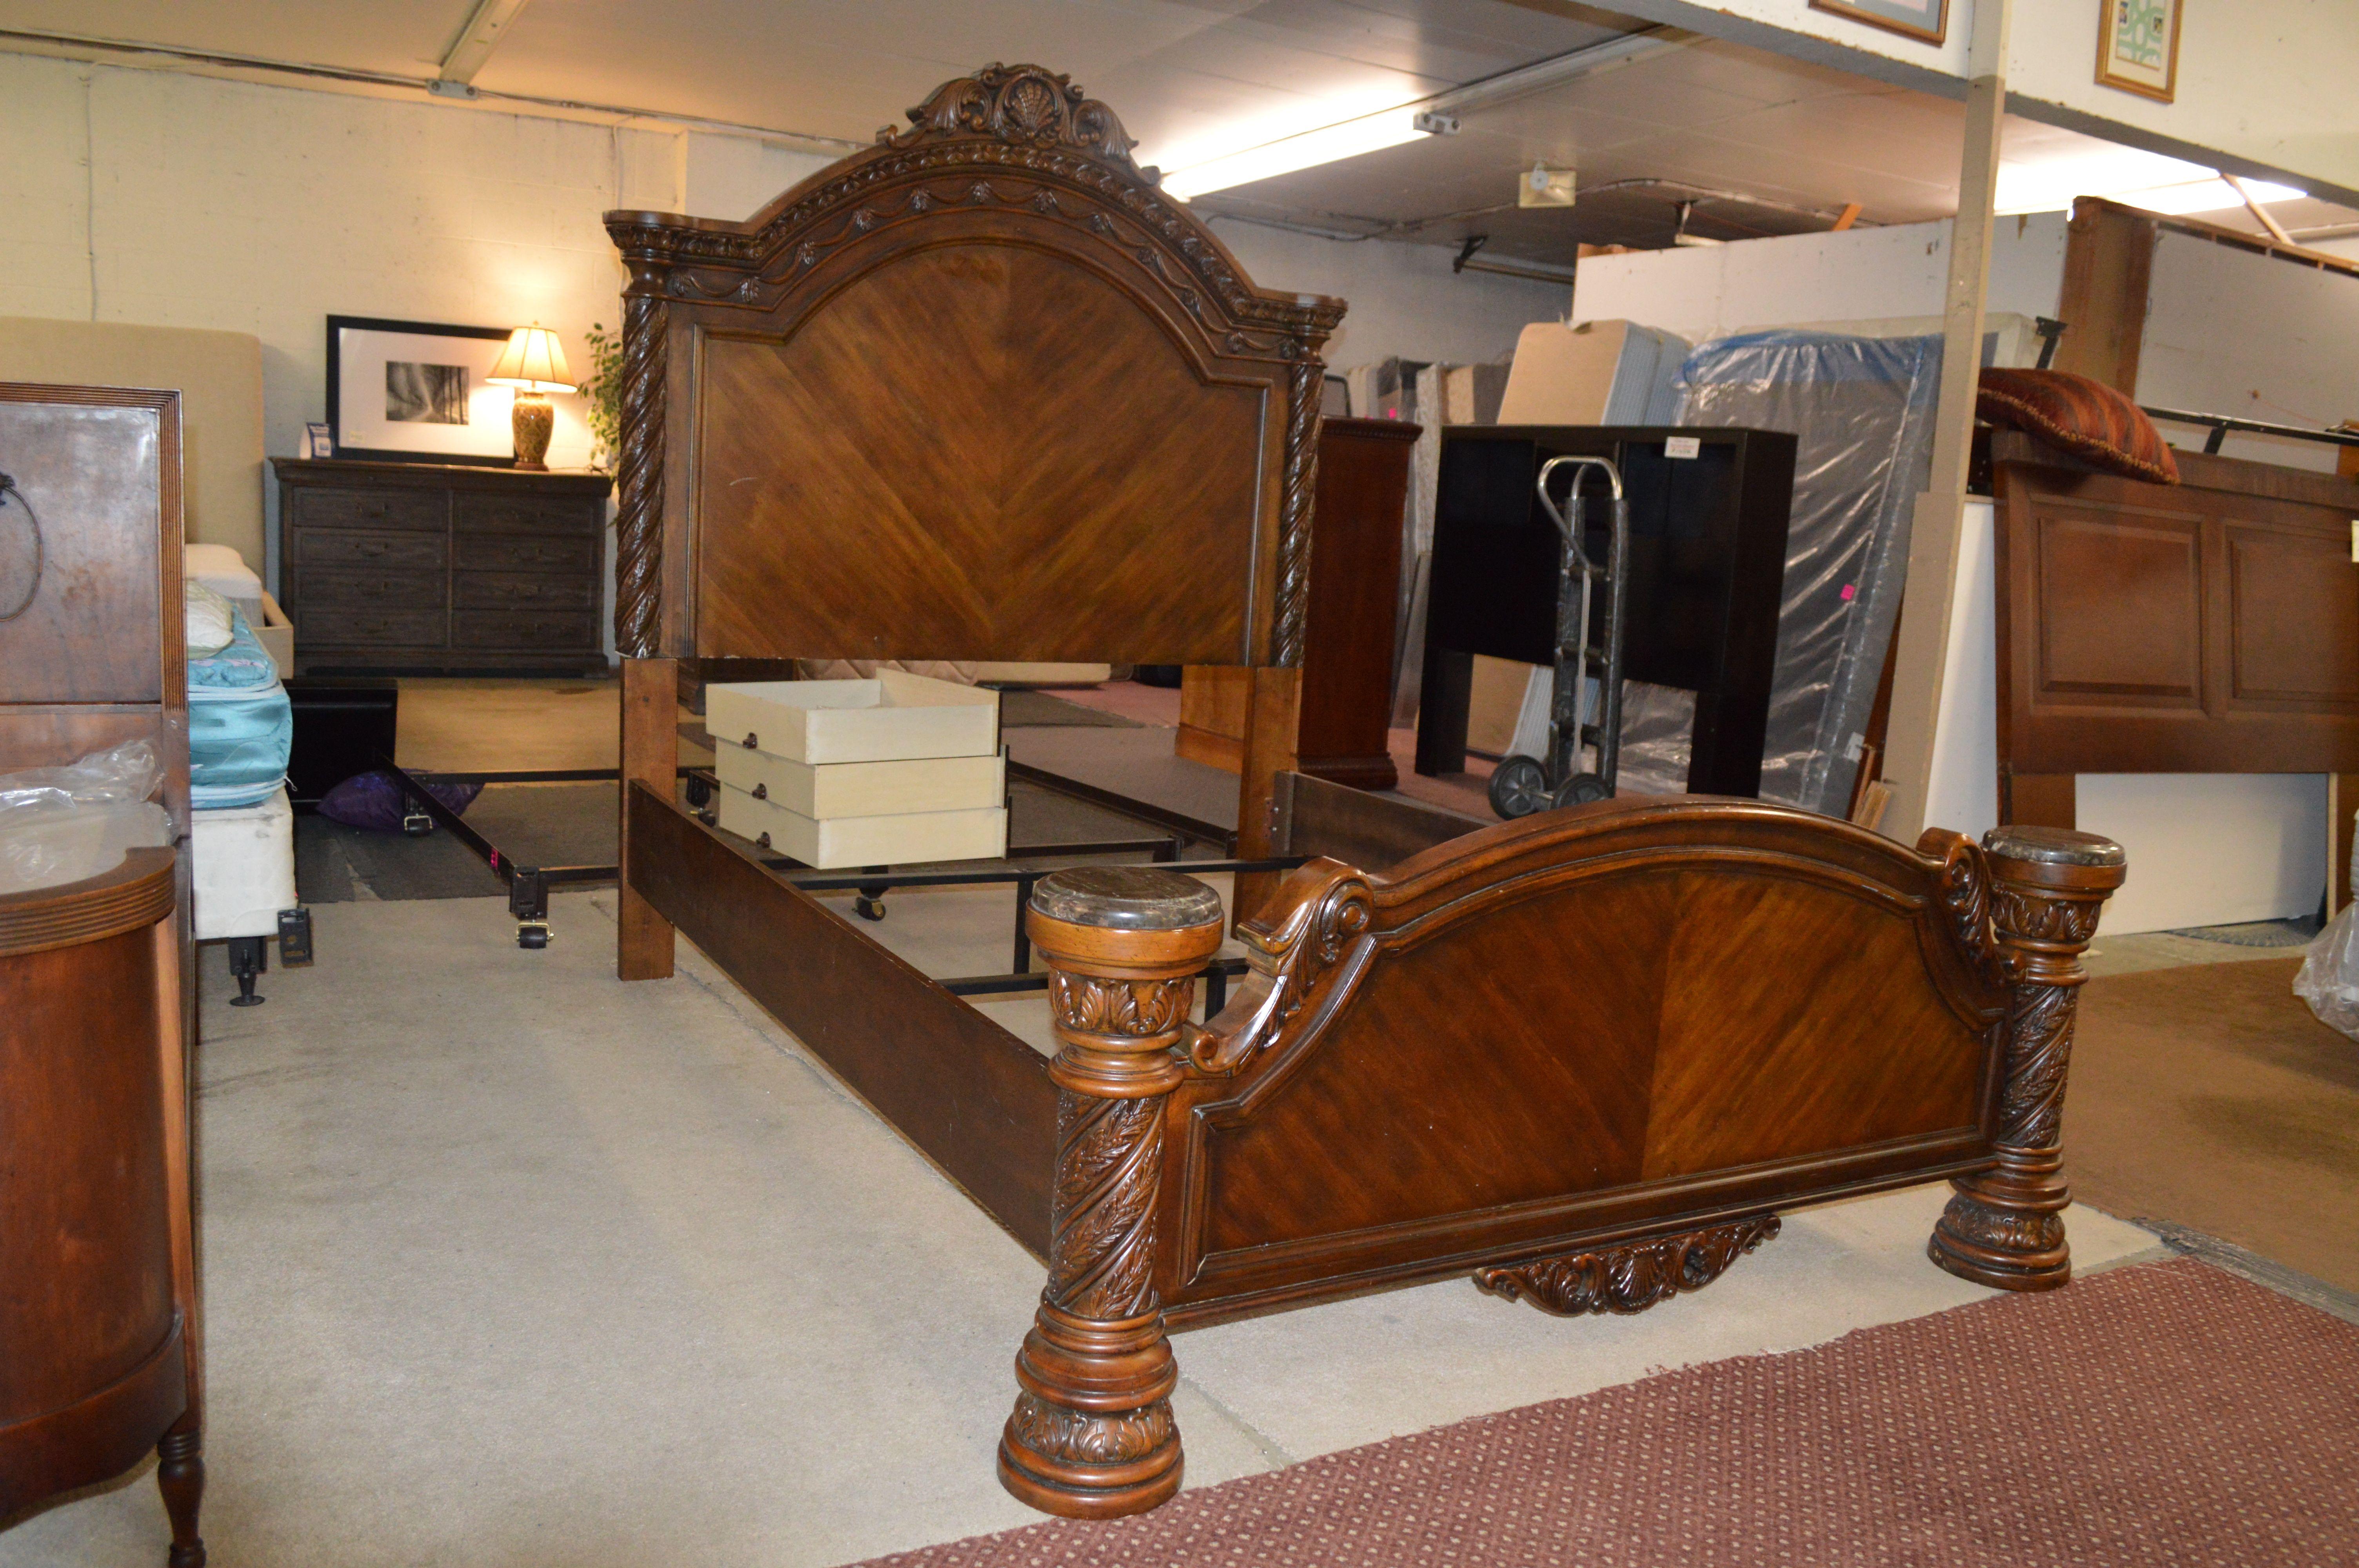 Queen Bed Frame Queen bed frame, Queen headboard, Bed frame